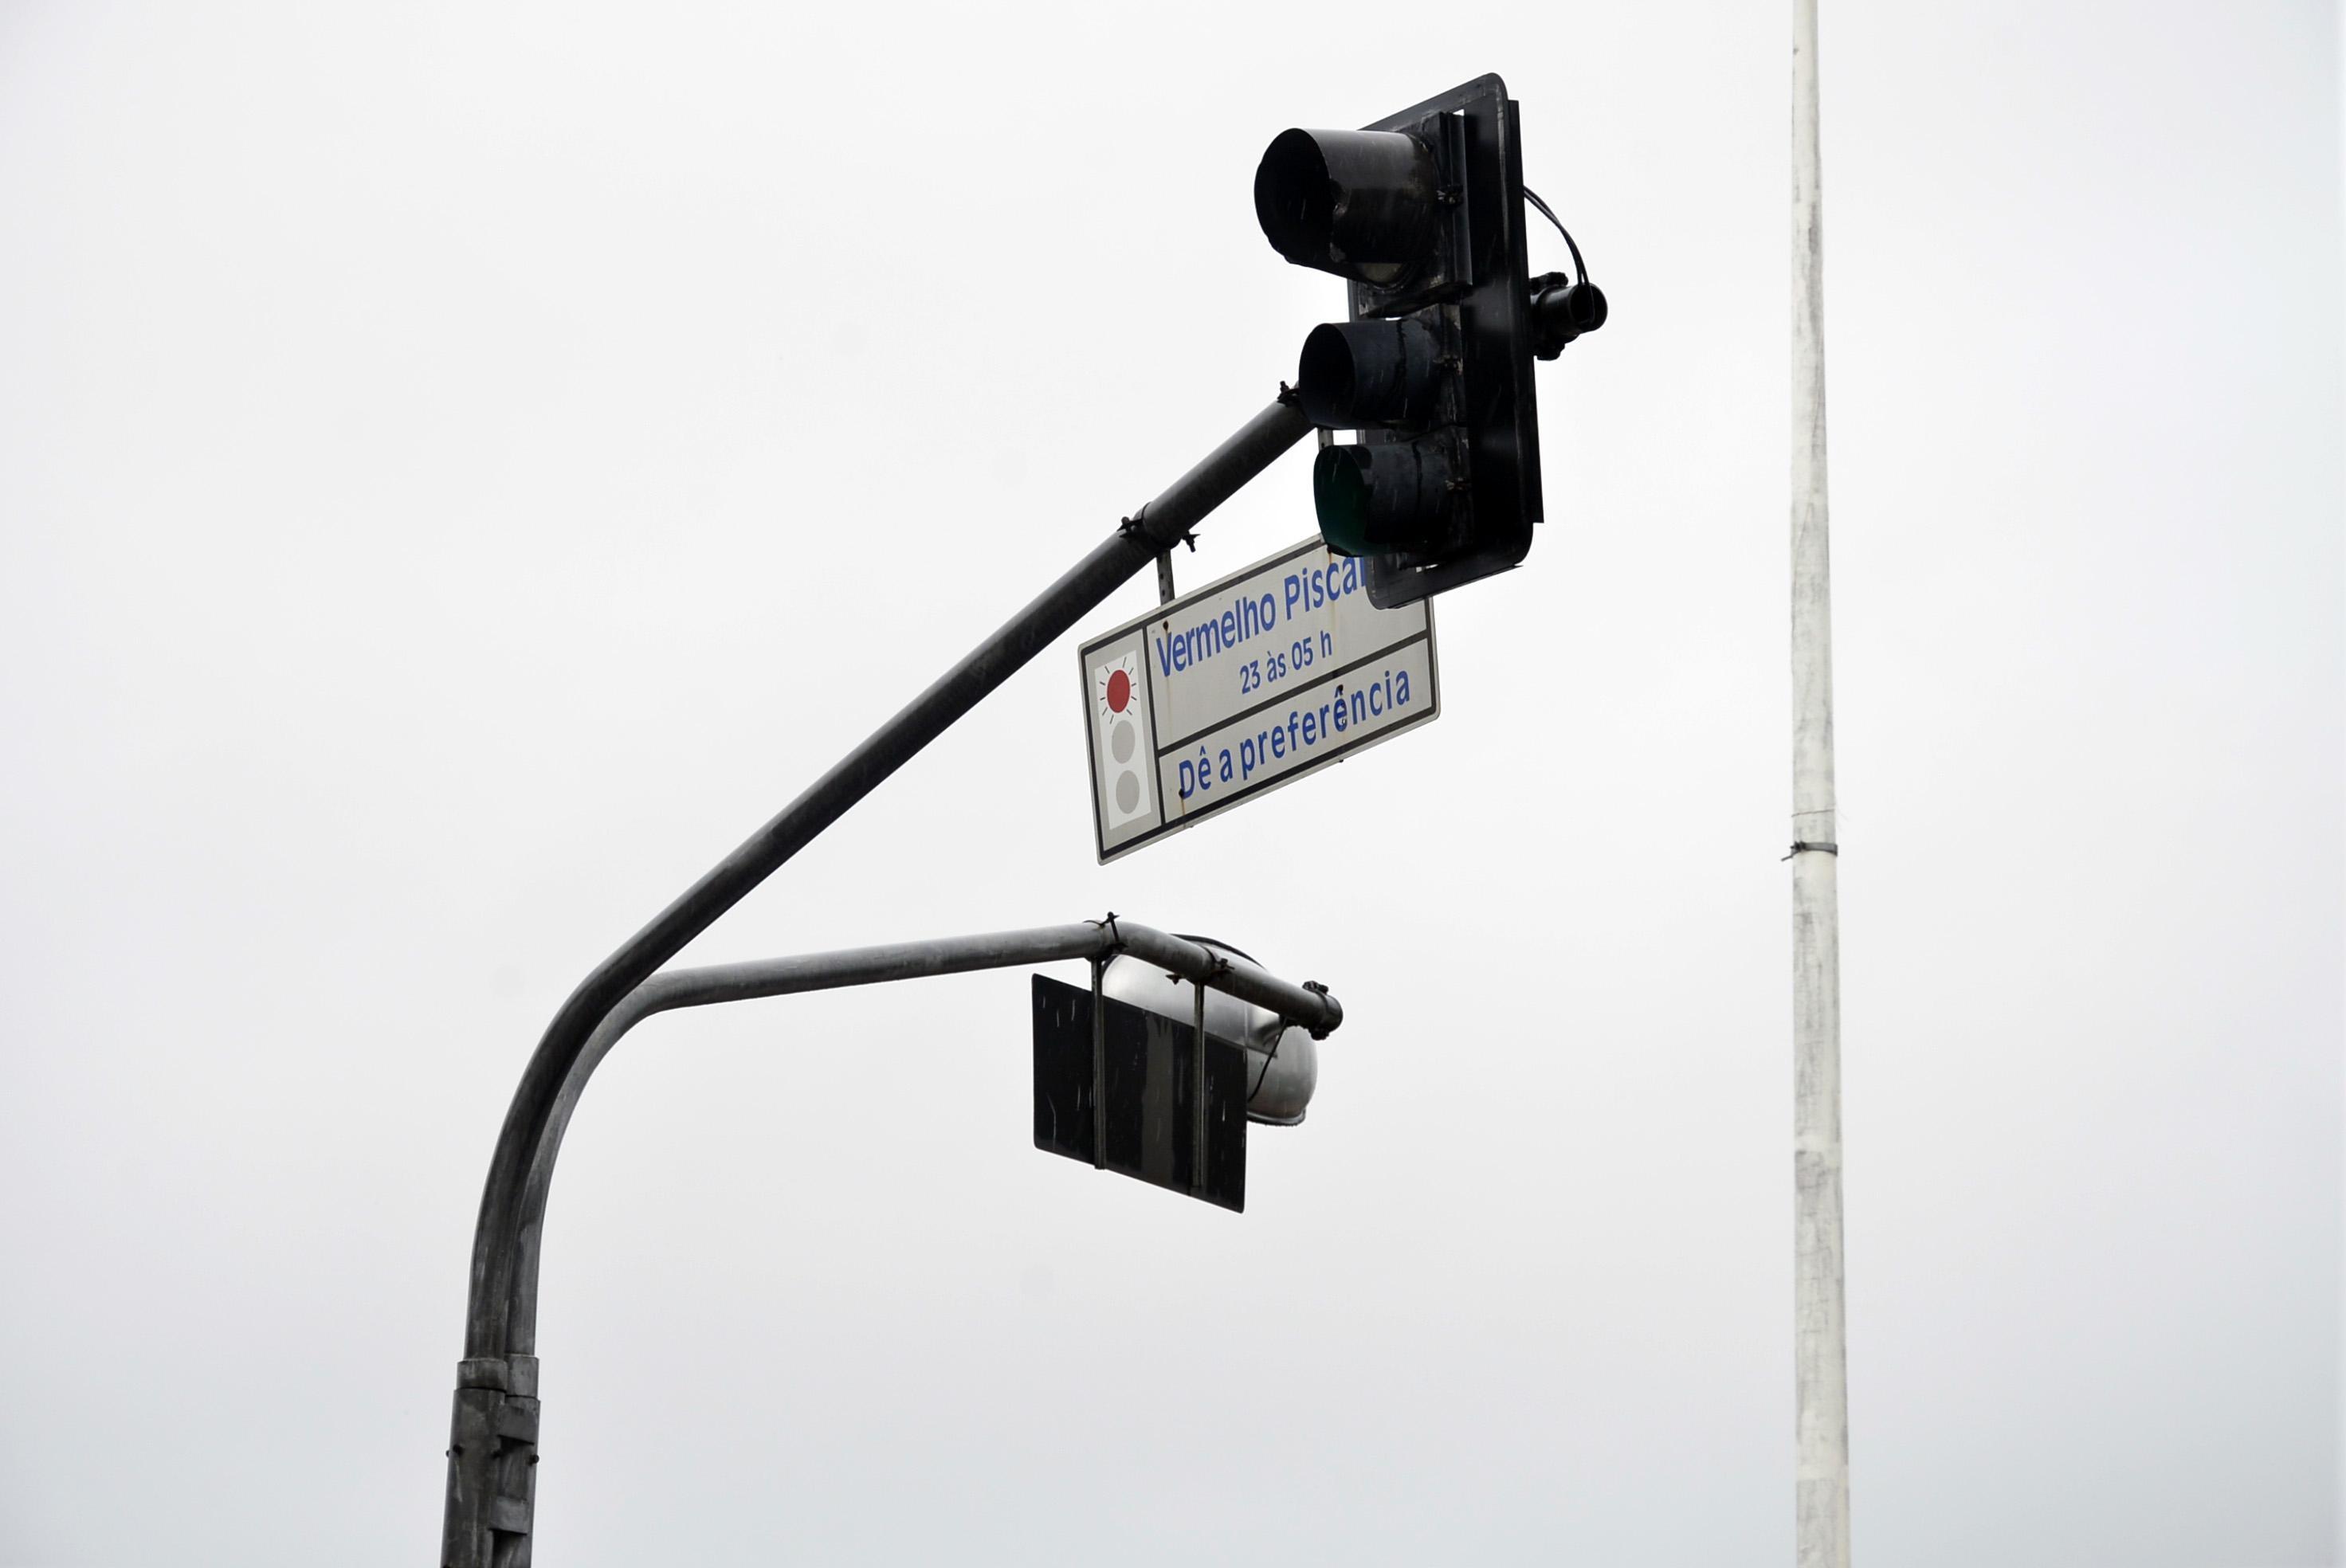 Veja alguns semáforos em Salvador que ficarão em modo amarelo piscante durante pandemia